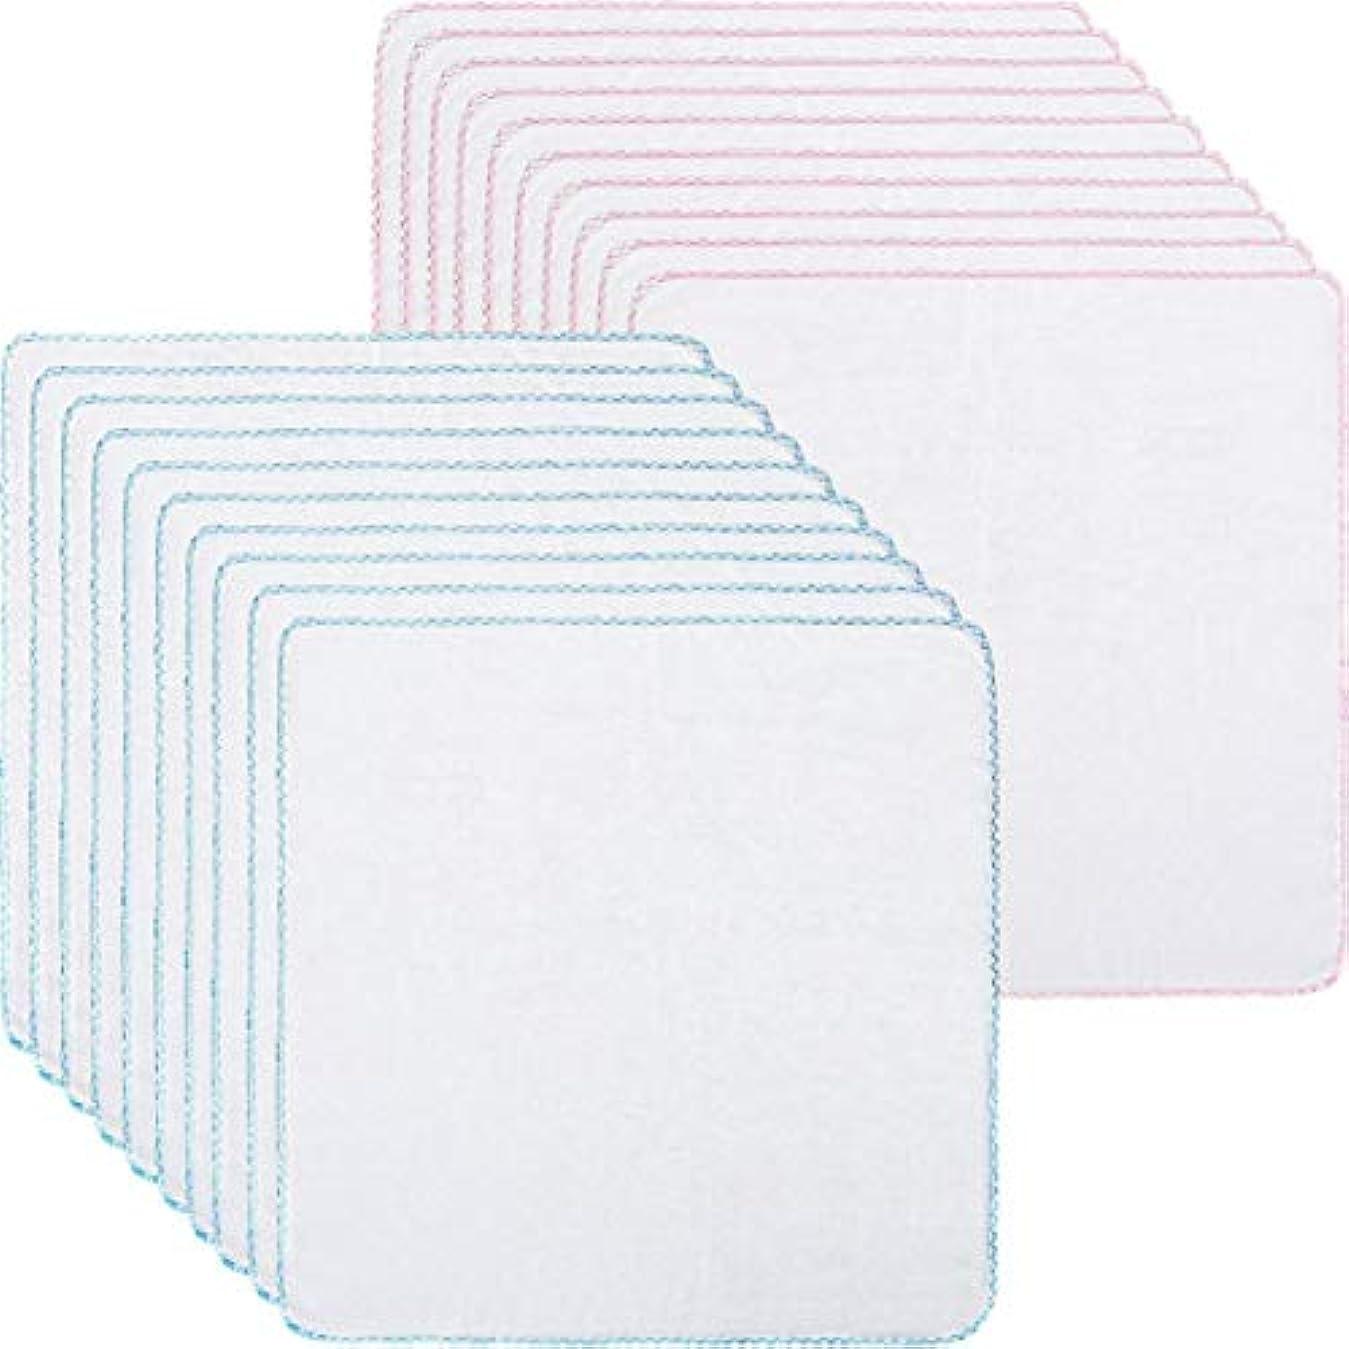 実り多い編集者紳士Yoshilimen 洗練された20個のピュアコットンフェイシャルクレンジングモスリンクロスソフトフェイシャルクレンジングメイクリムーバー布、青とピンク